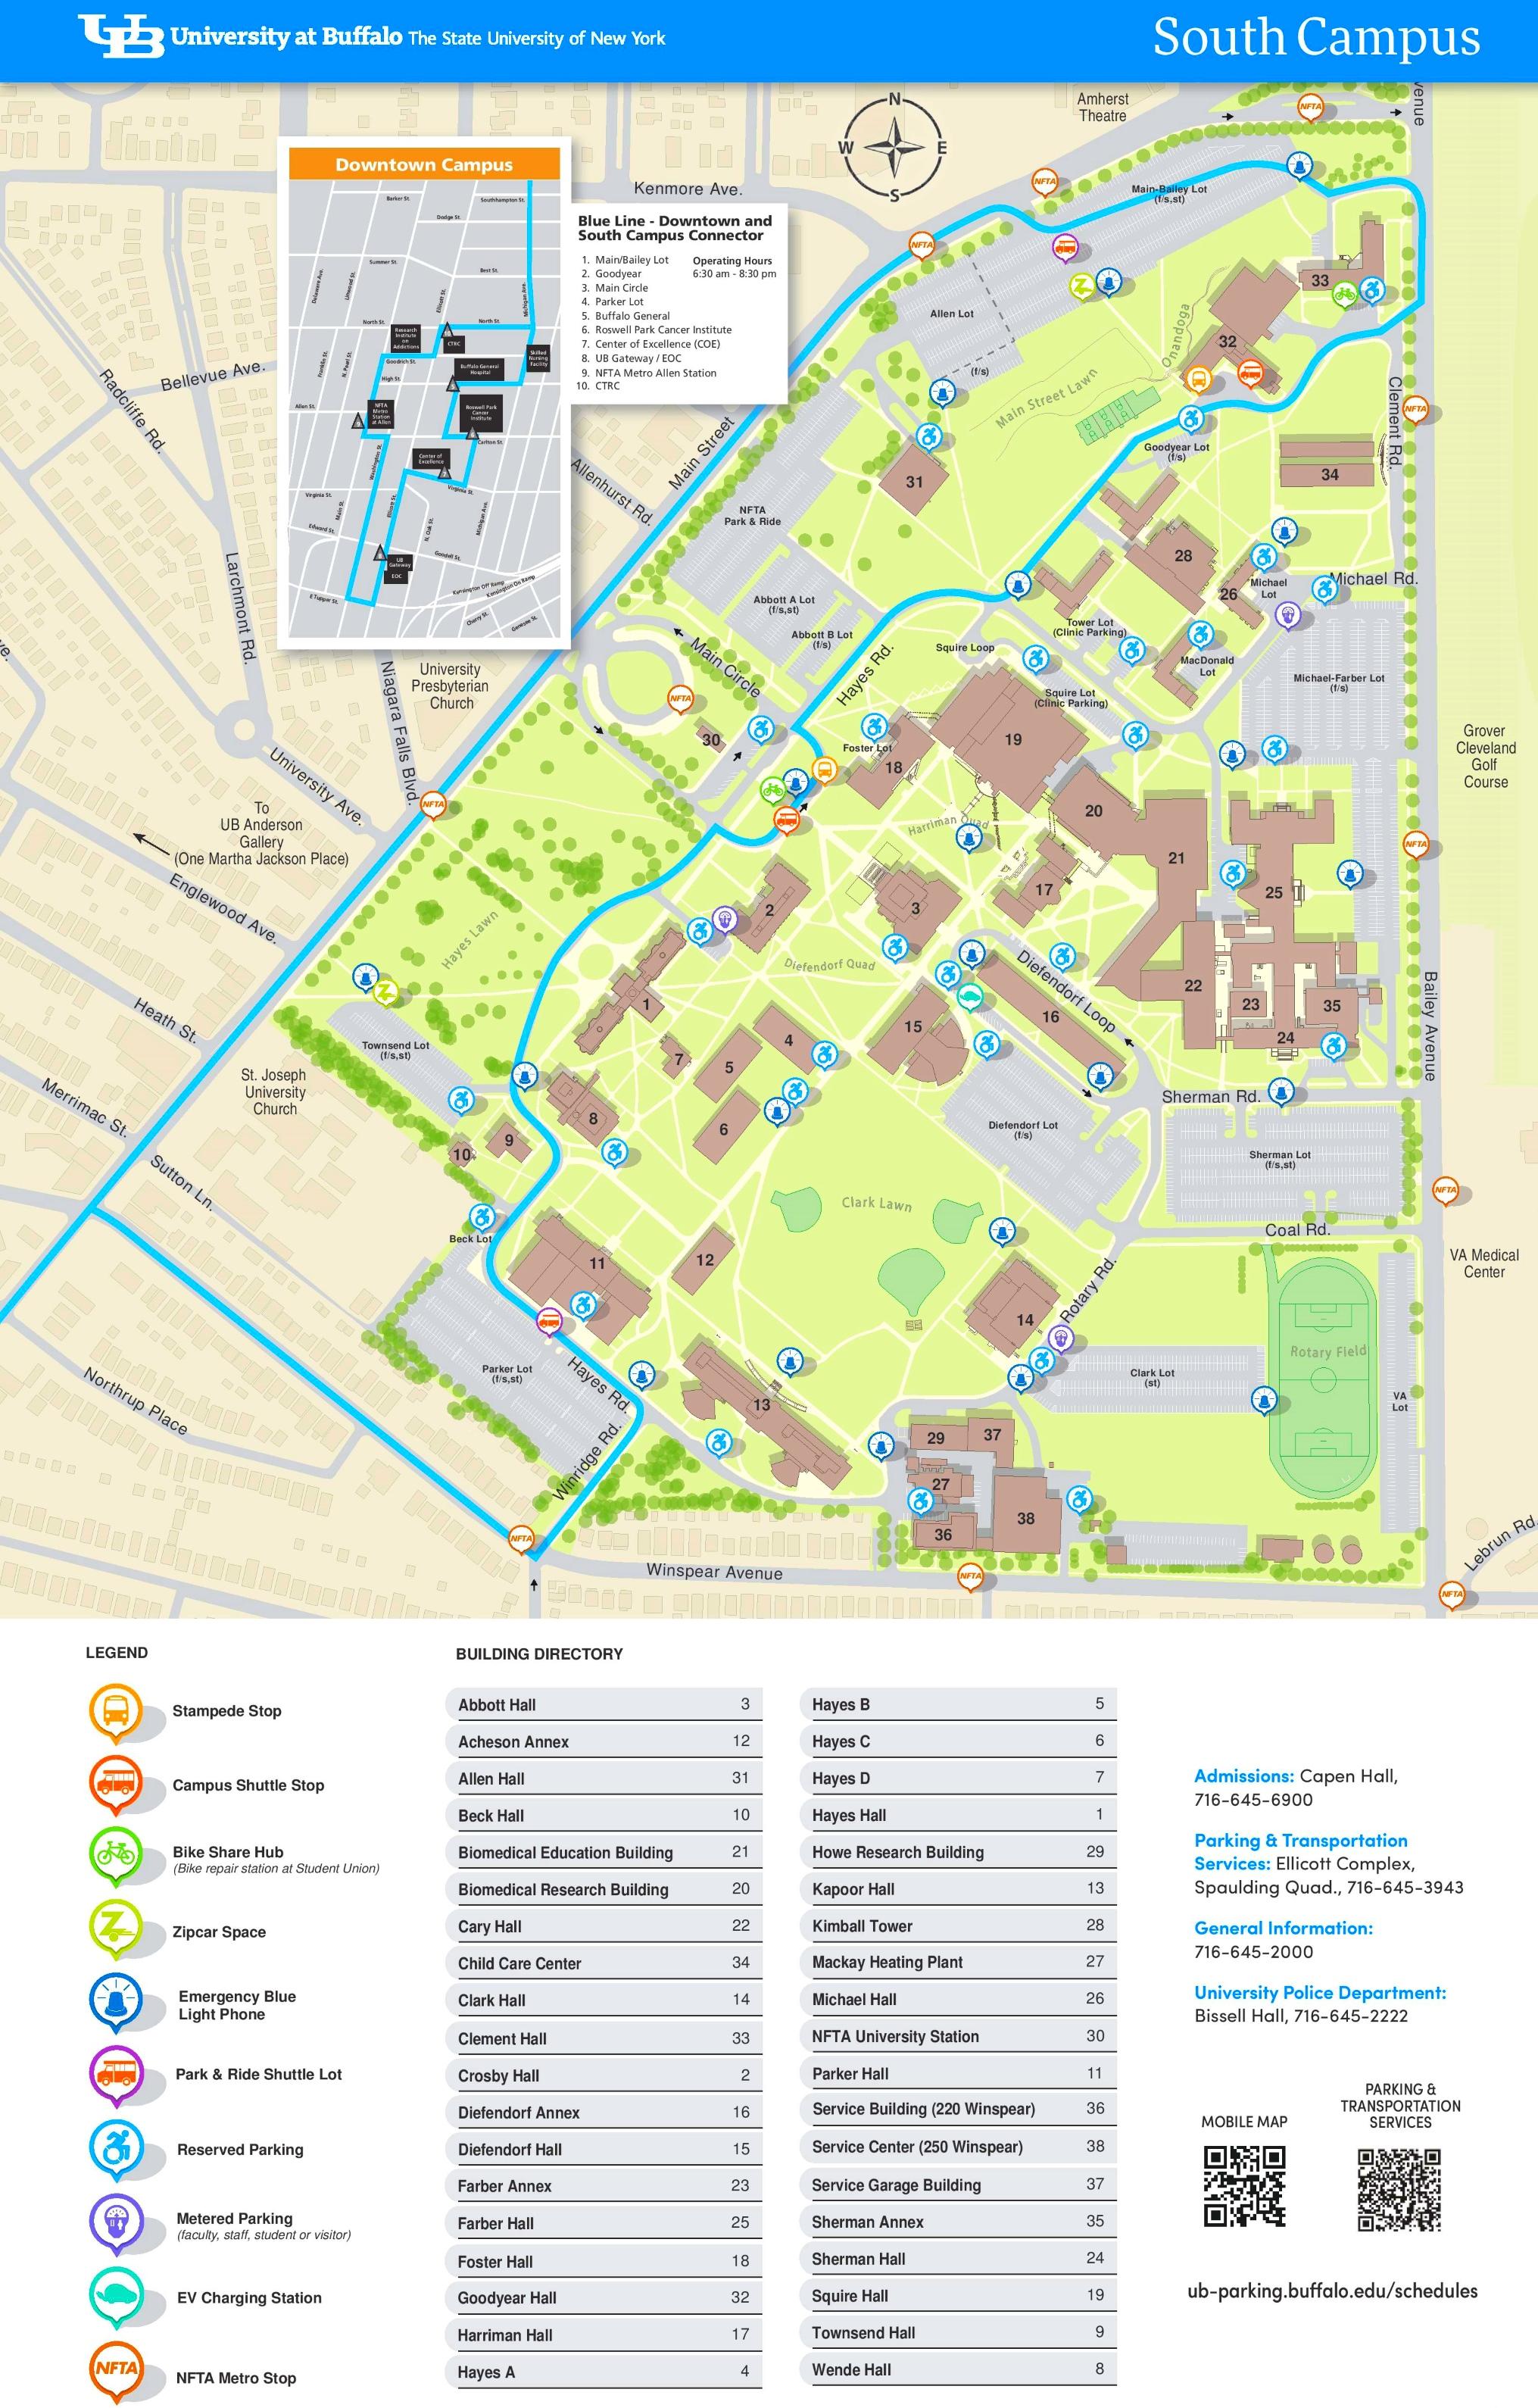 University At Buffalo North Campus Map University at Buffalo South Campus map